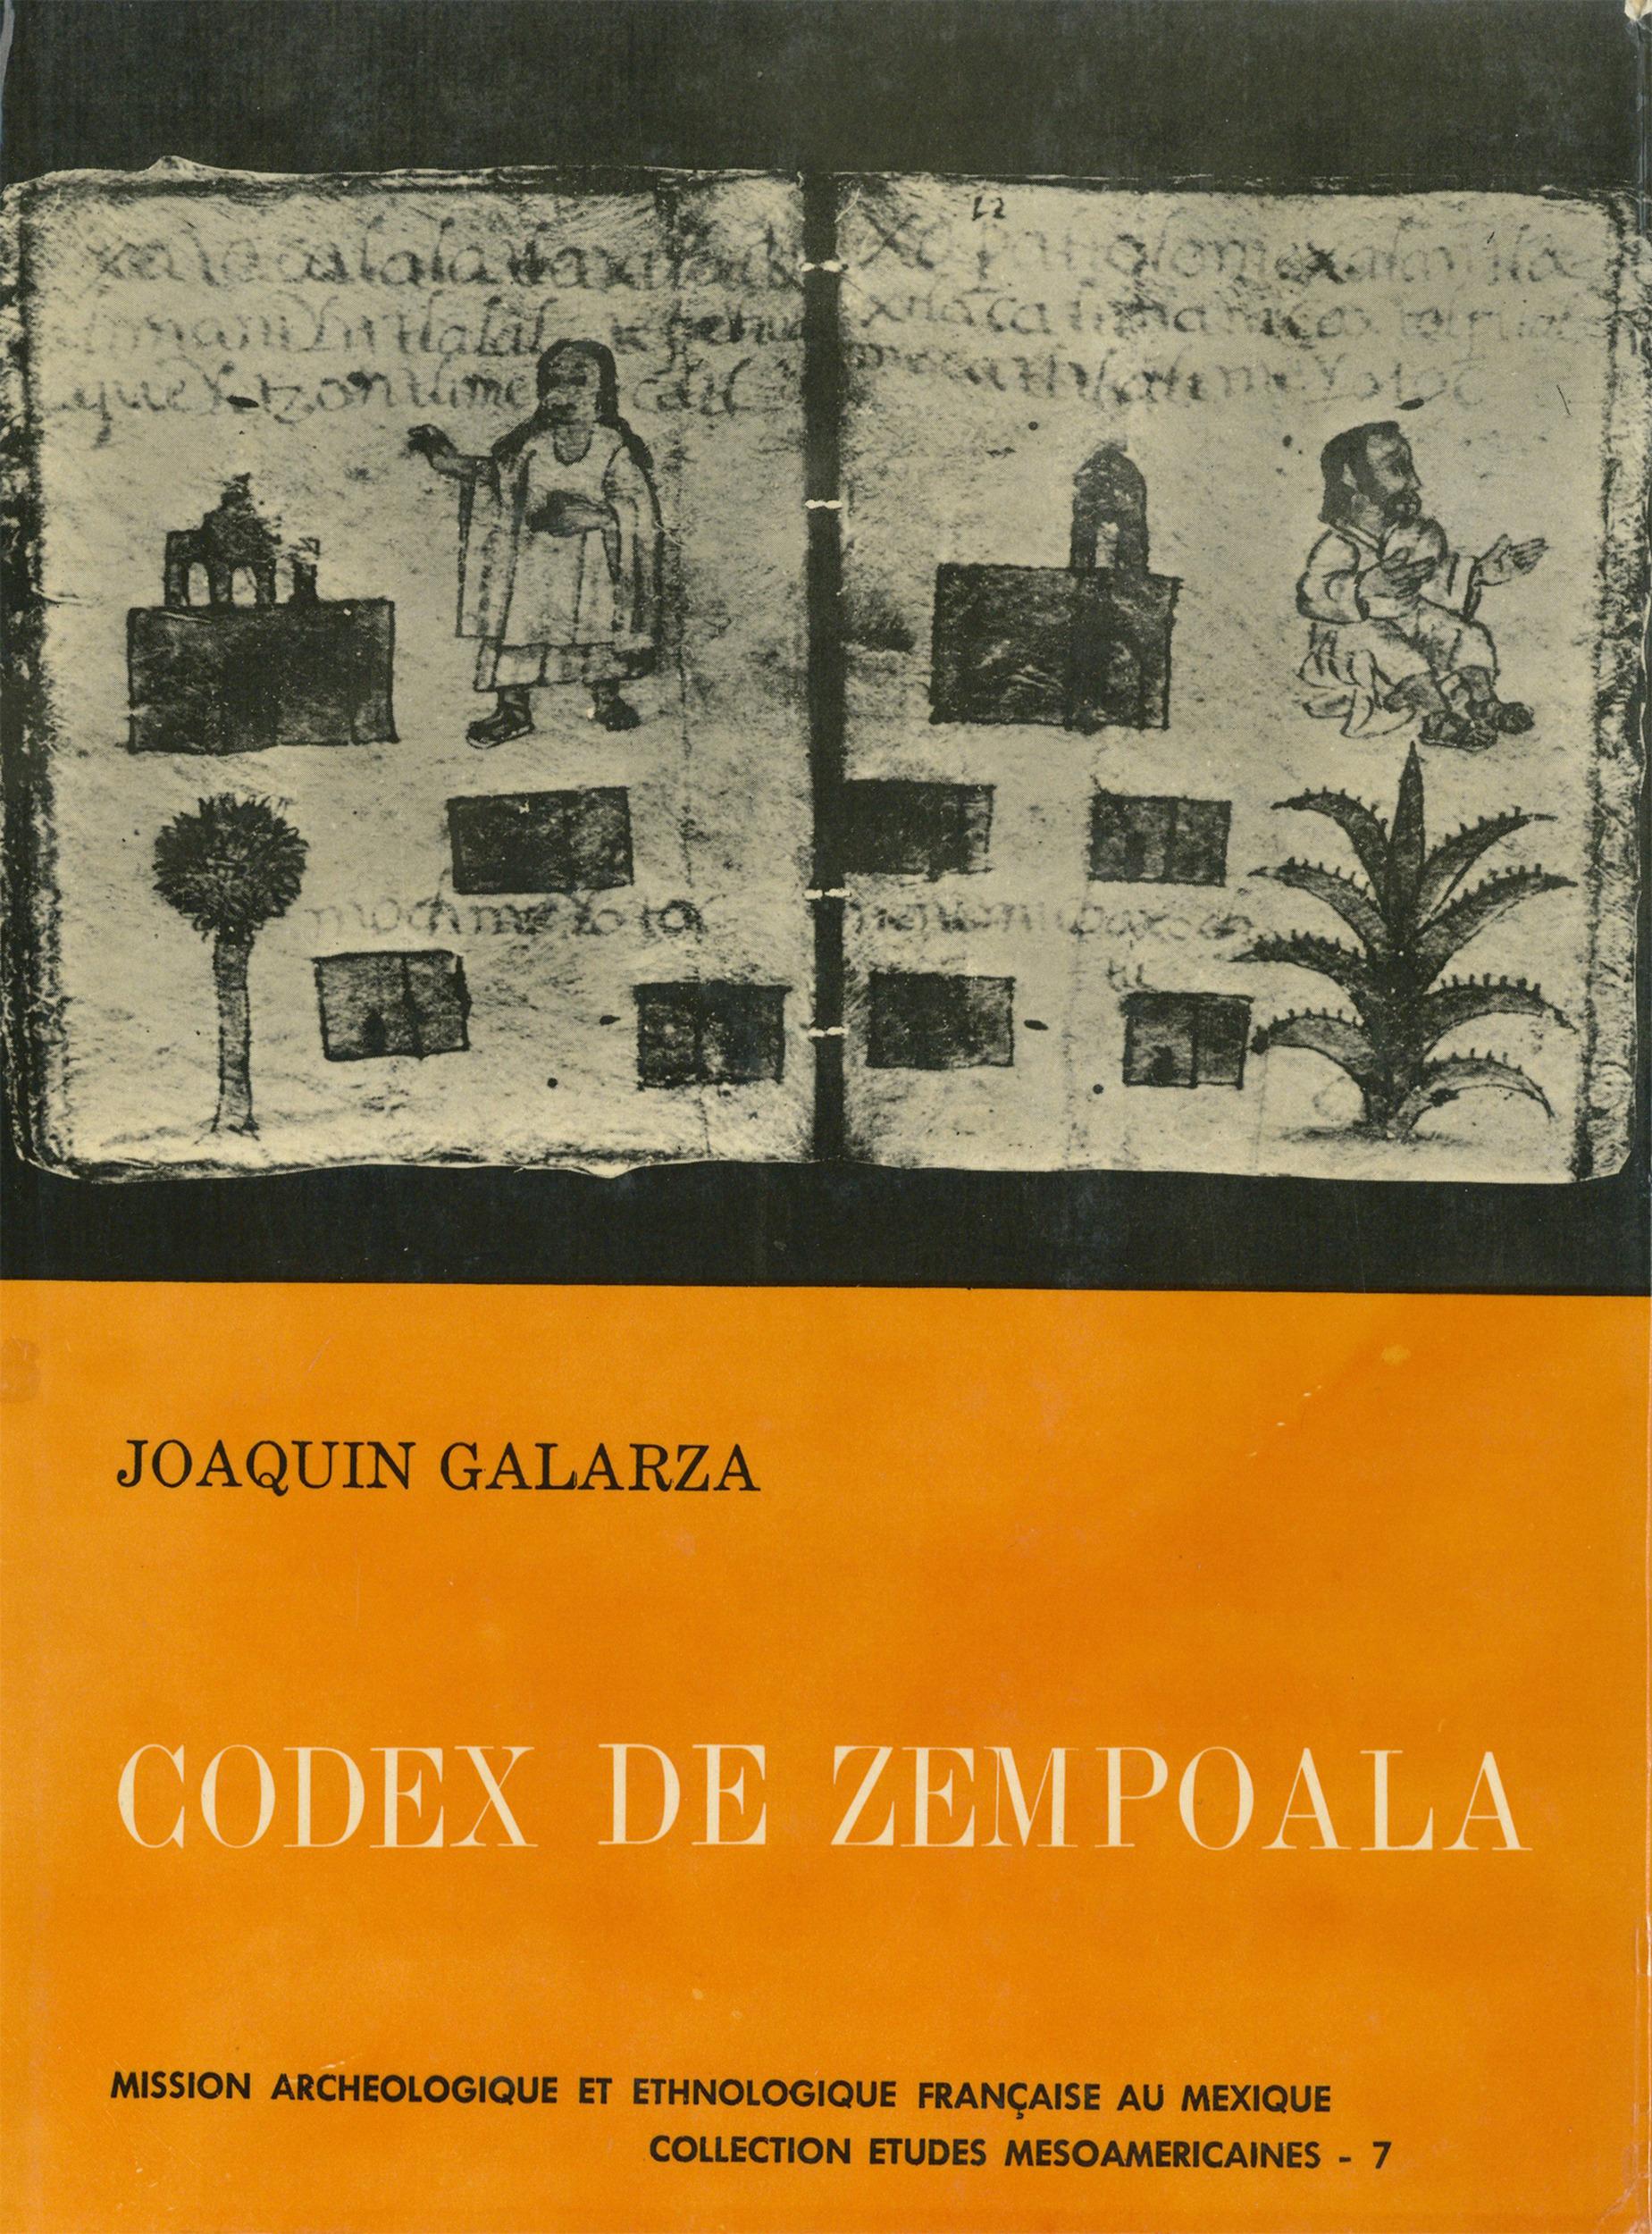 Codex de Zempoala  - Joaquin Galarza